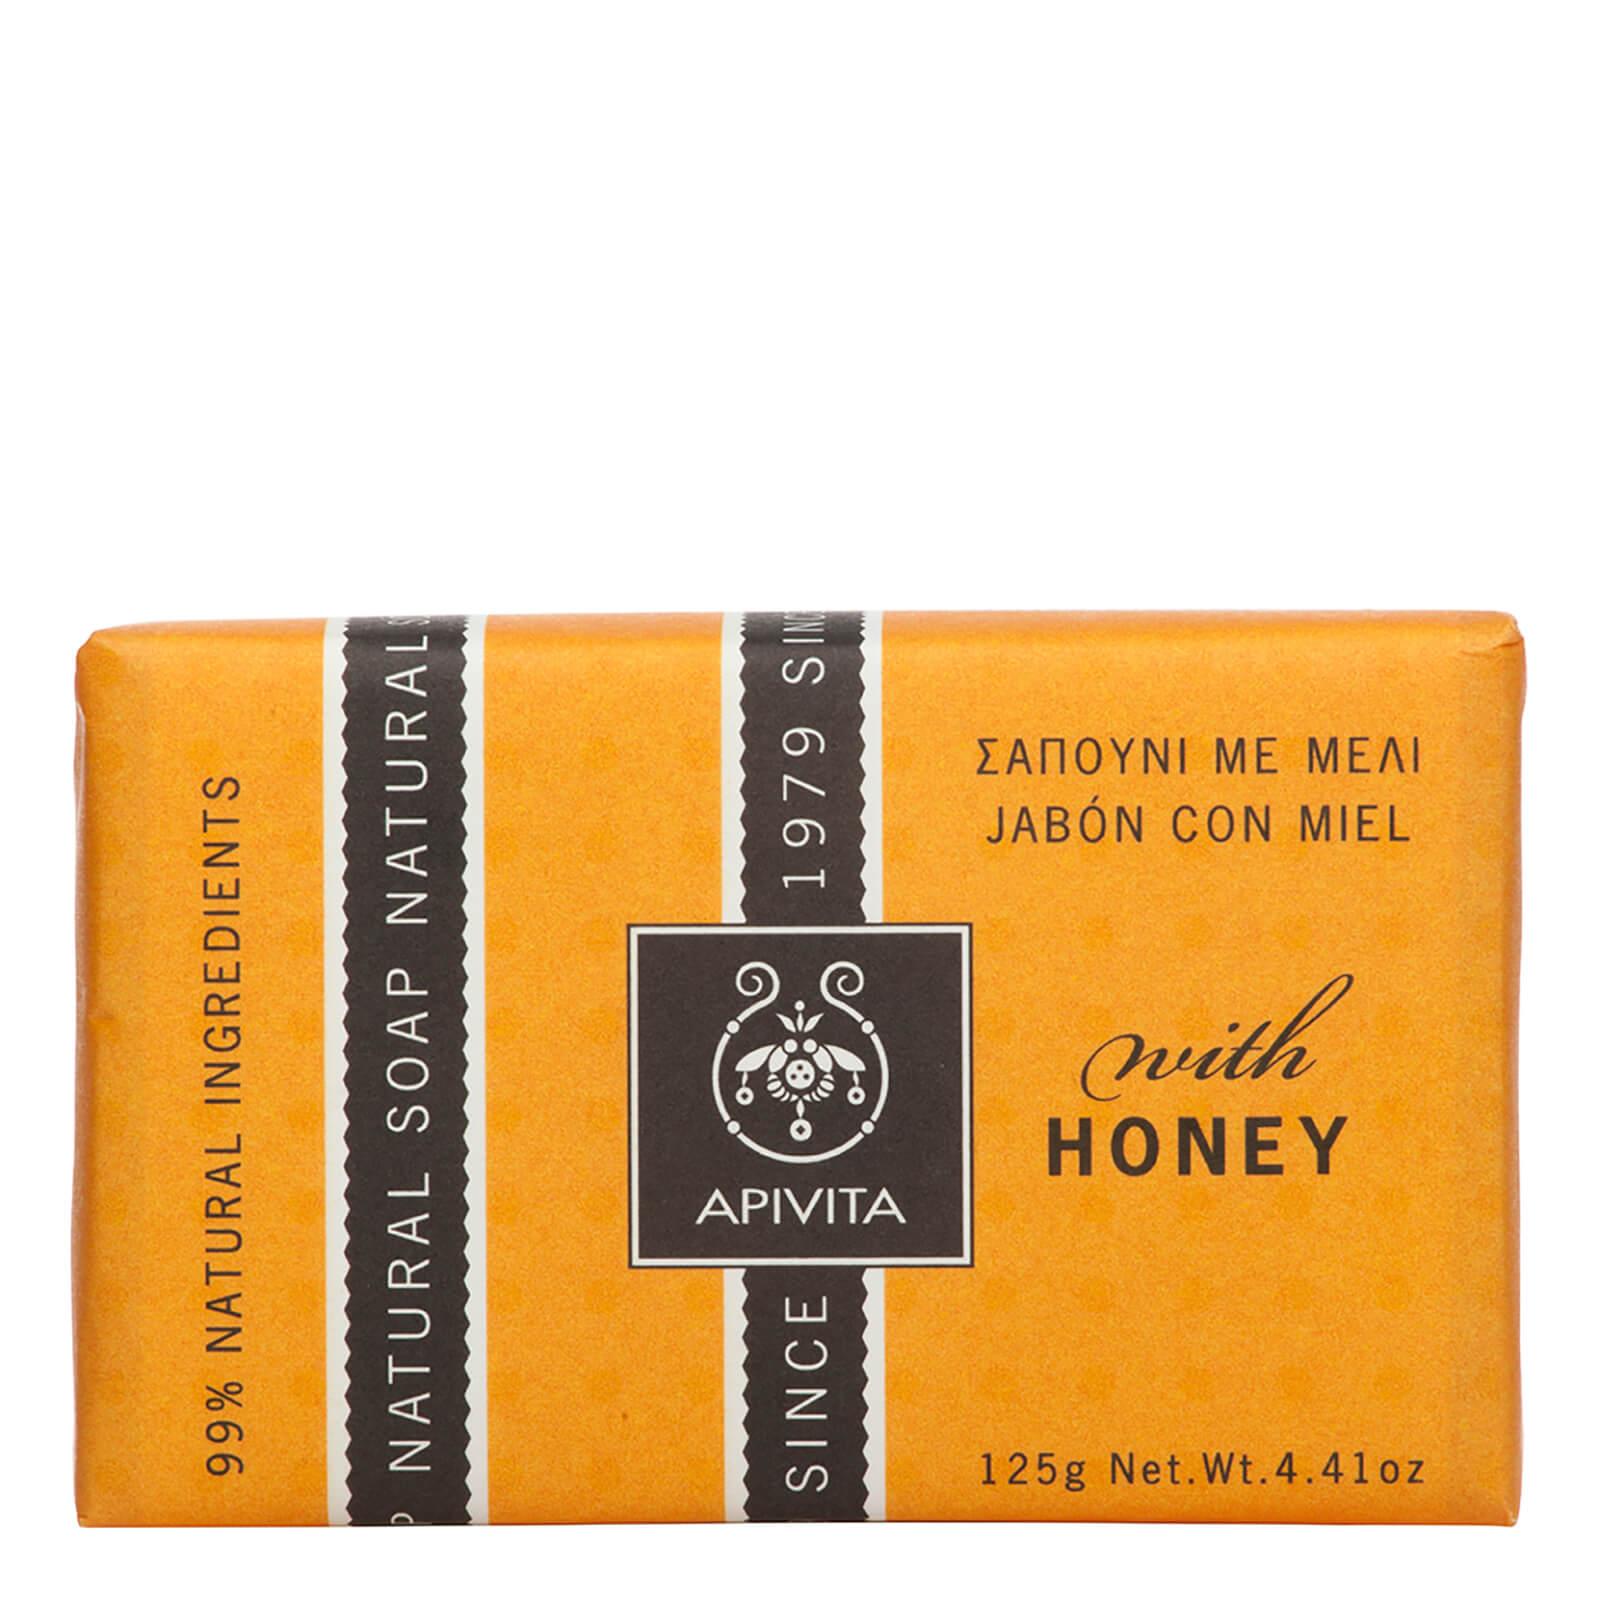 APIVITA Natural Soap - Honey